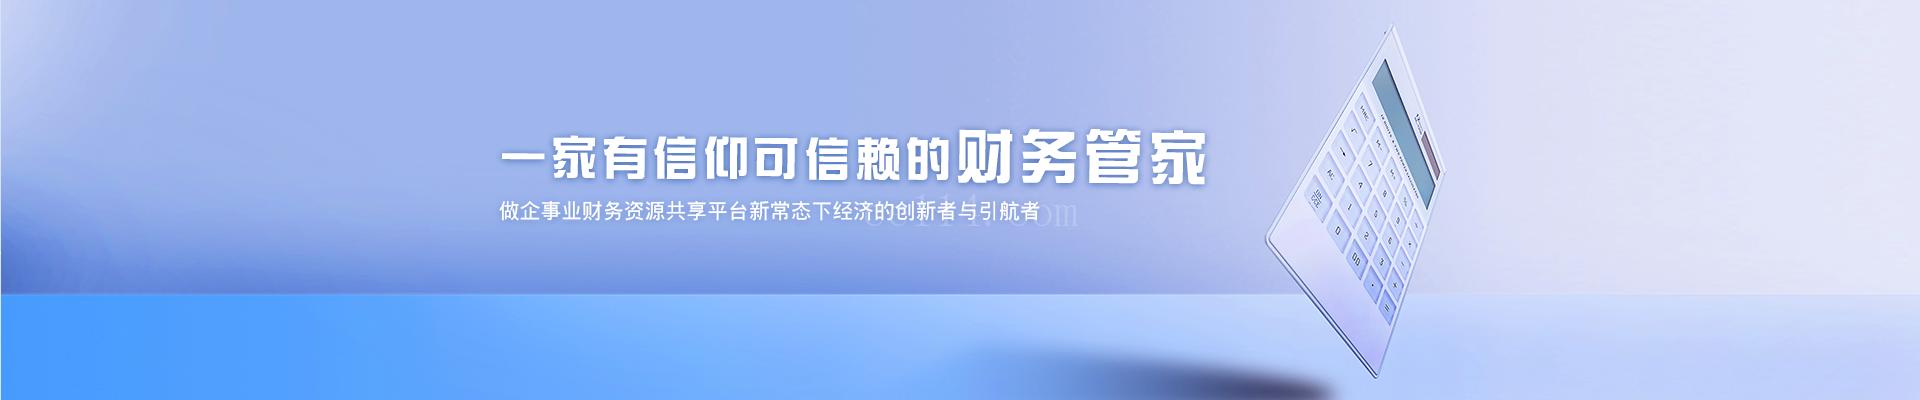 公司簡介-龍巖市新羅區信諾財務管理有限公司